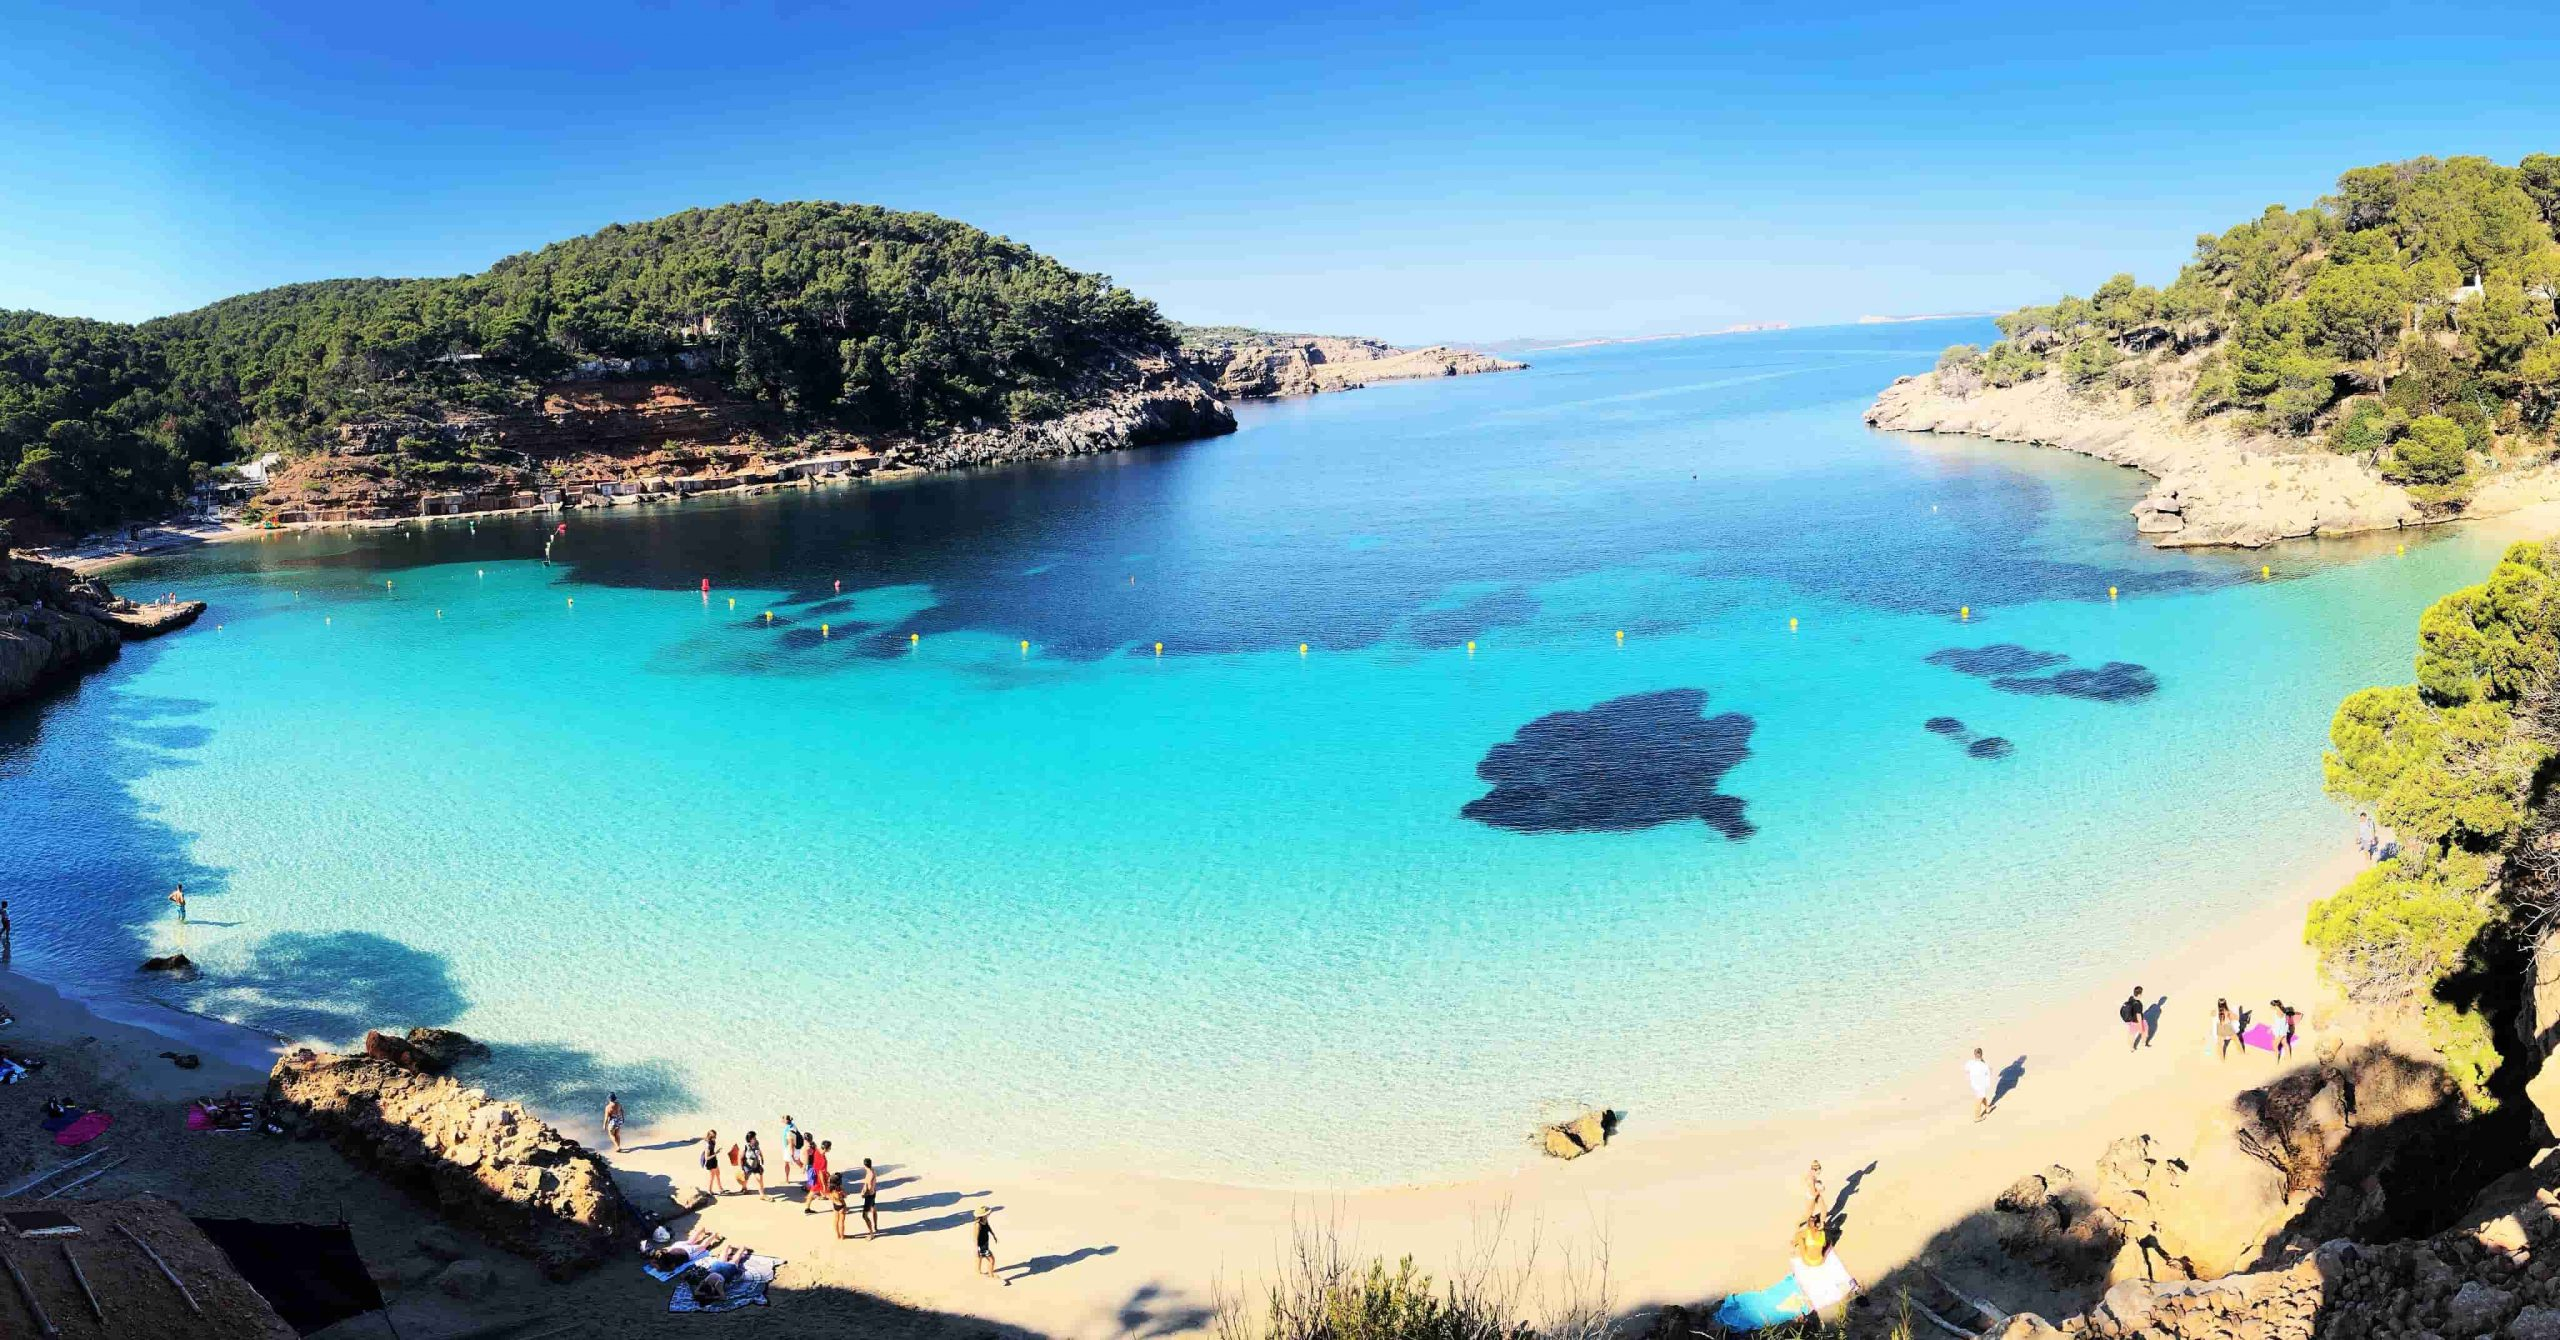 Naar Ibiza met familie of vrienden? Huur een vakantiehuis